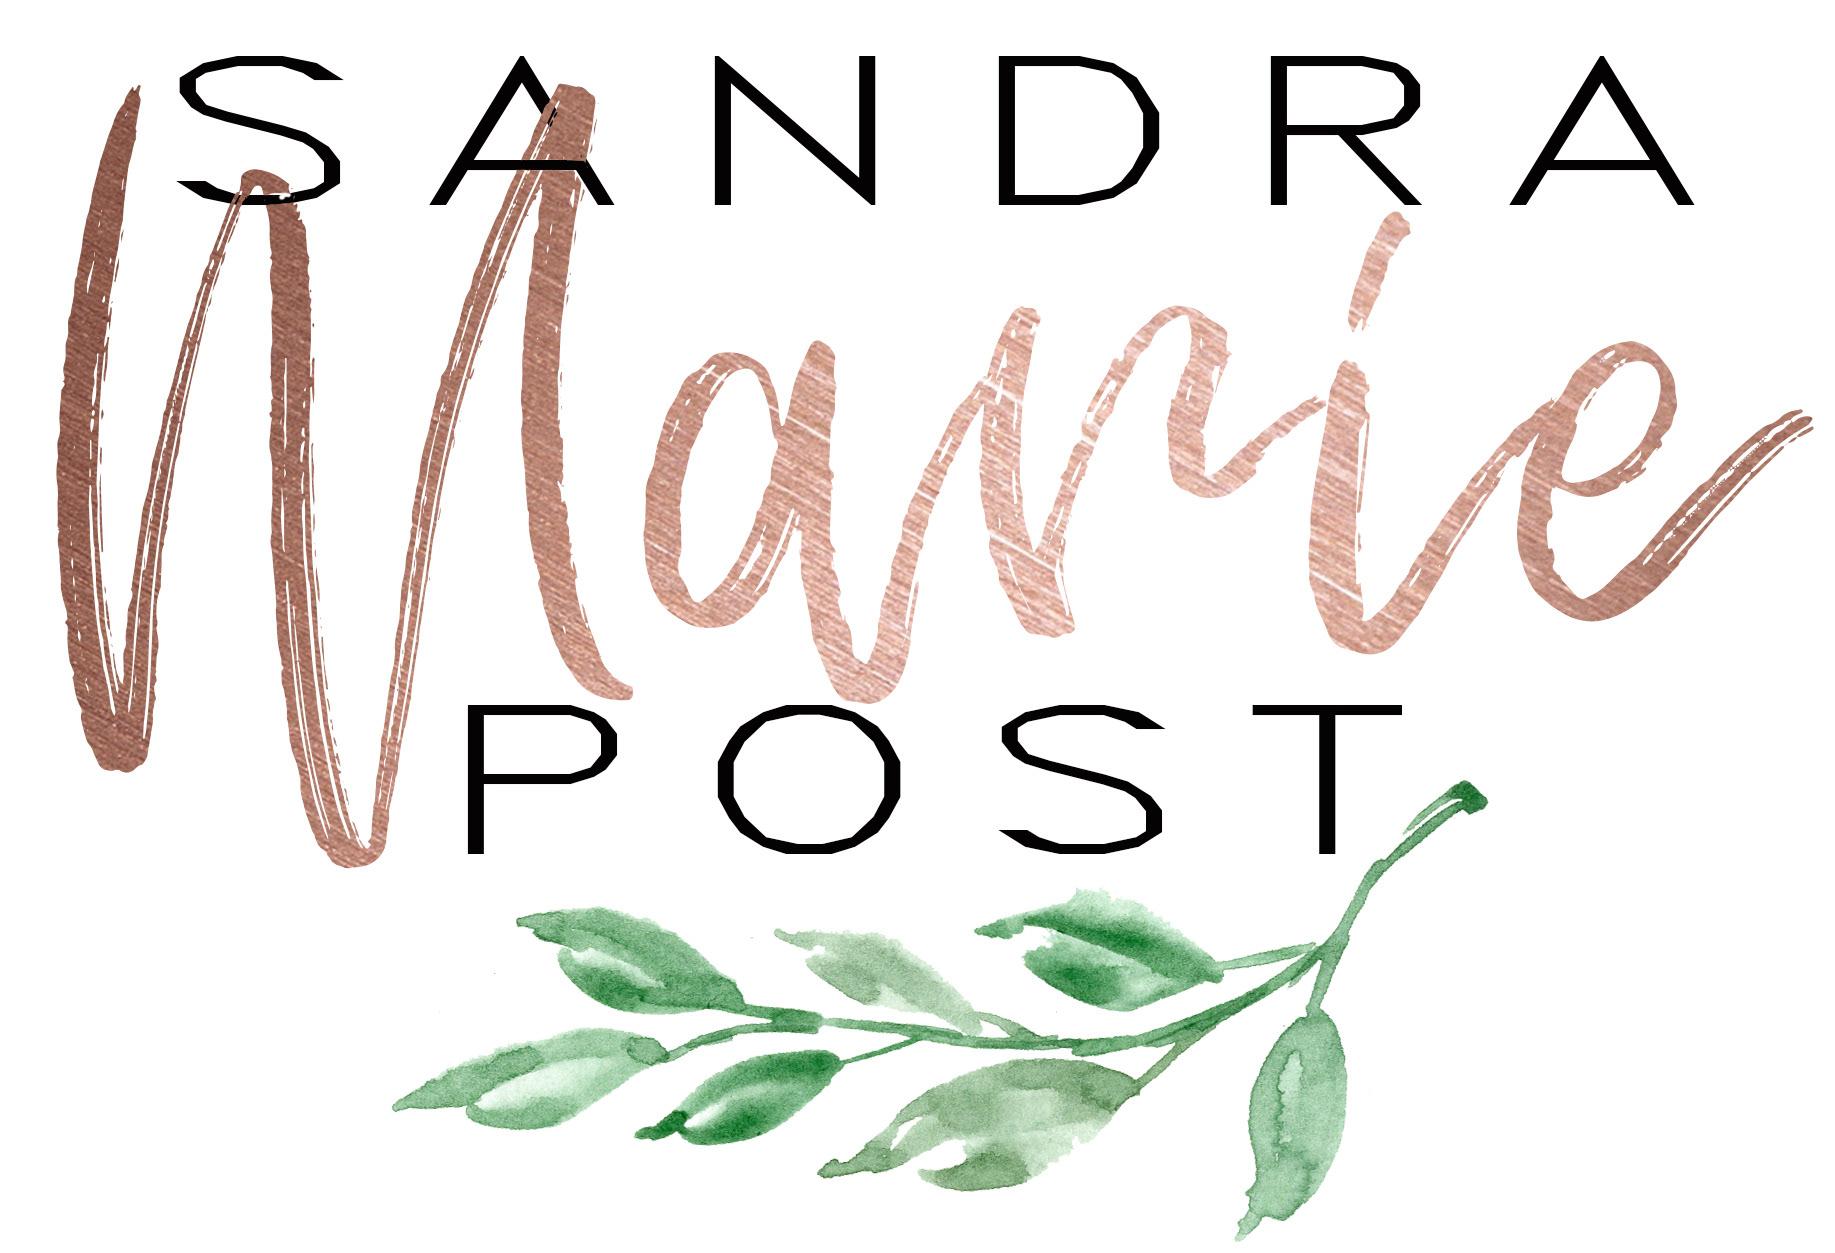 Sandra Post